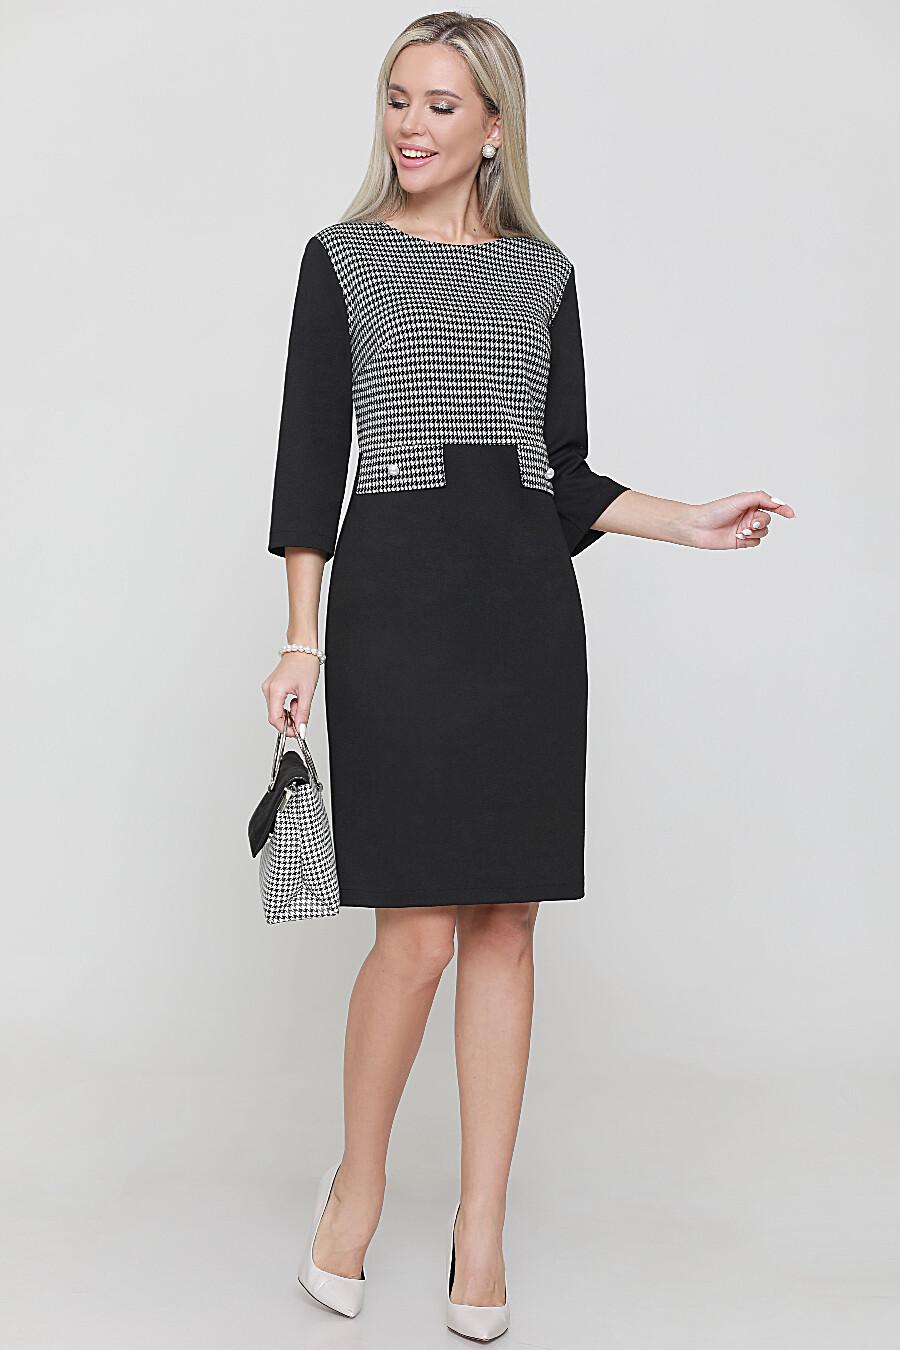 Платье DSTREND (708650), купить в Moyo.moda